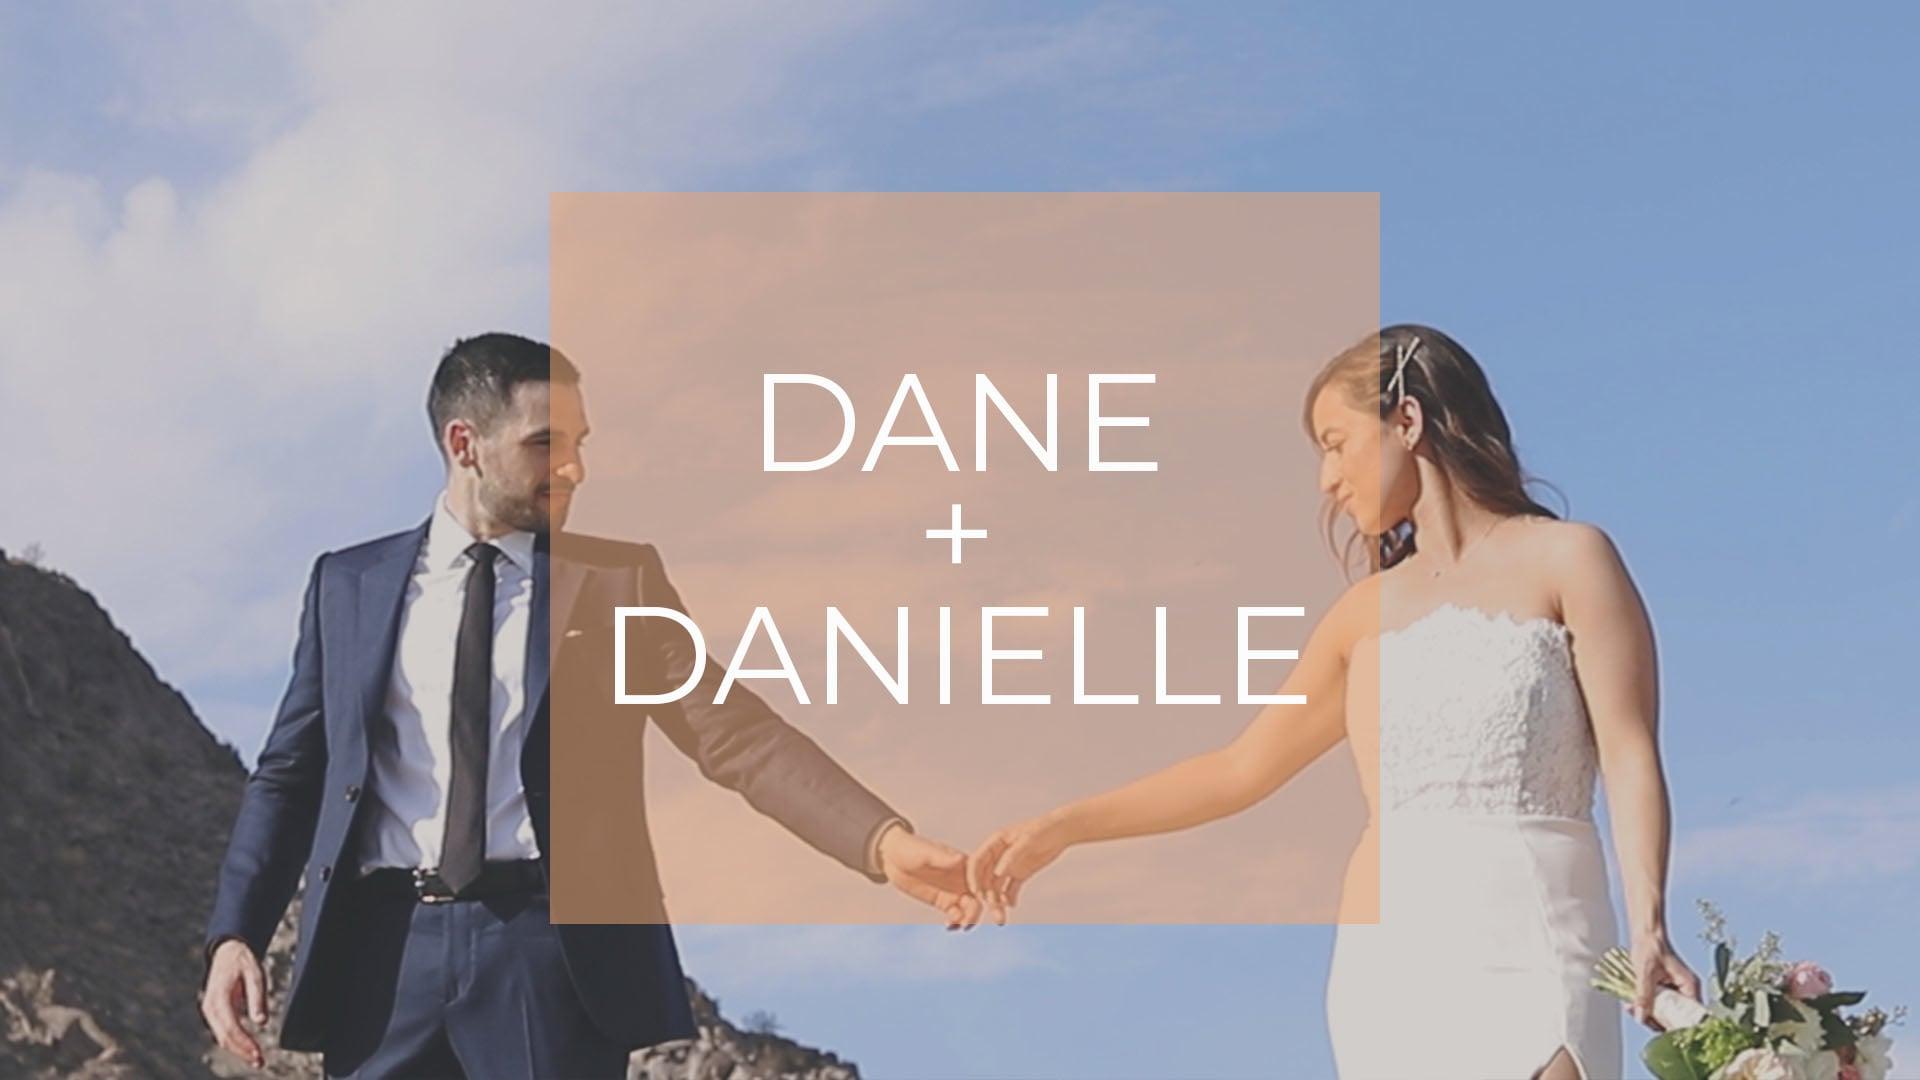 Dane + Danielle